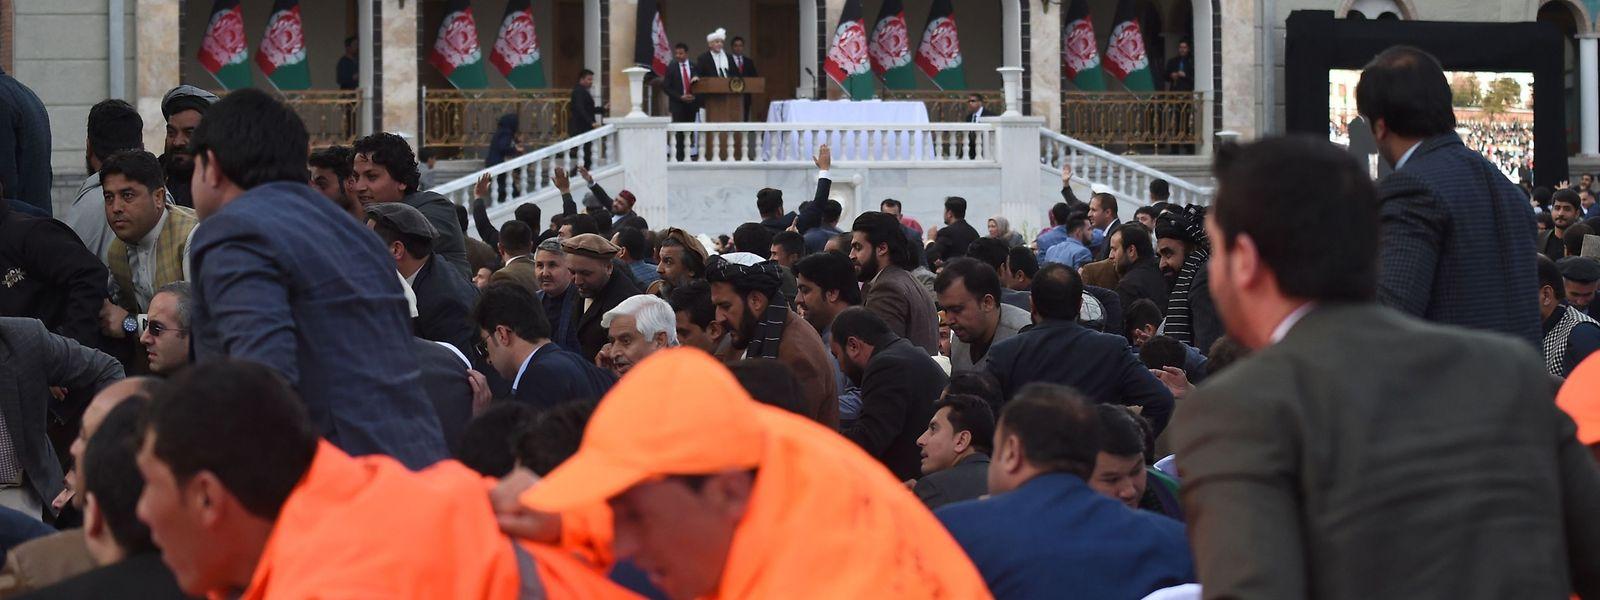 A Kaboul, une explosion retentit alors que le président Ashraf Ghani prononce son discours d'investiture.